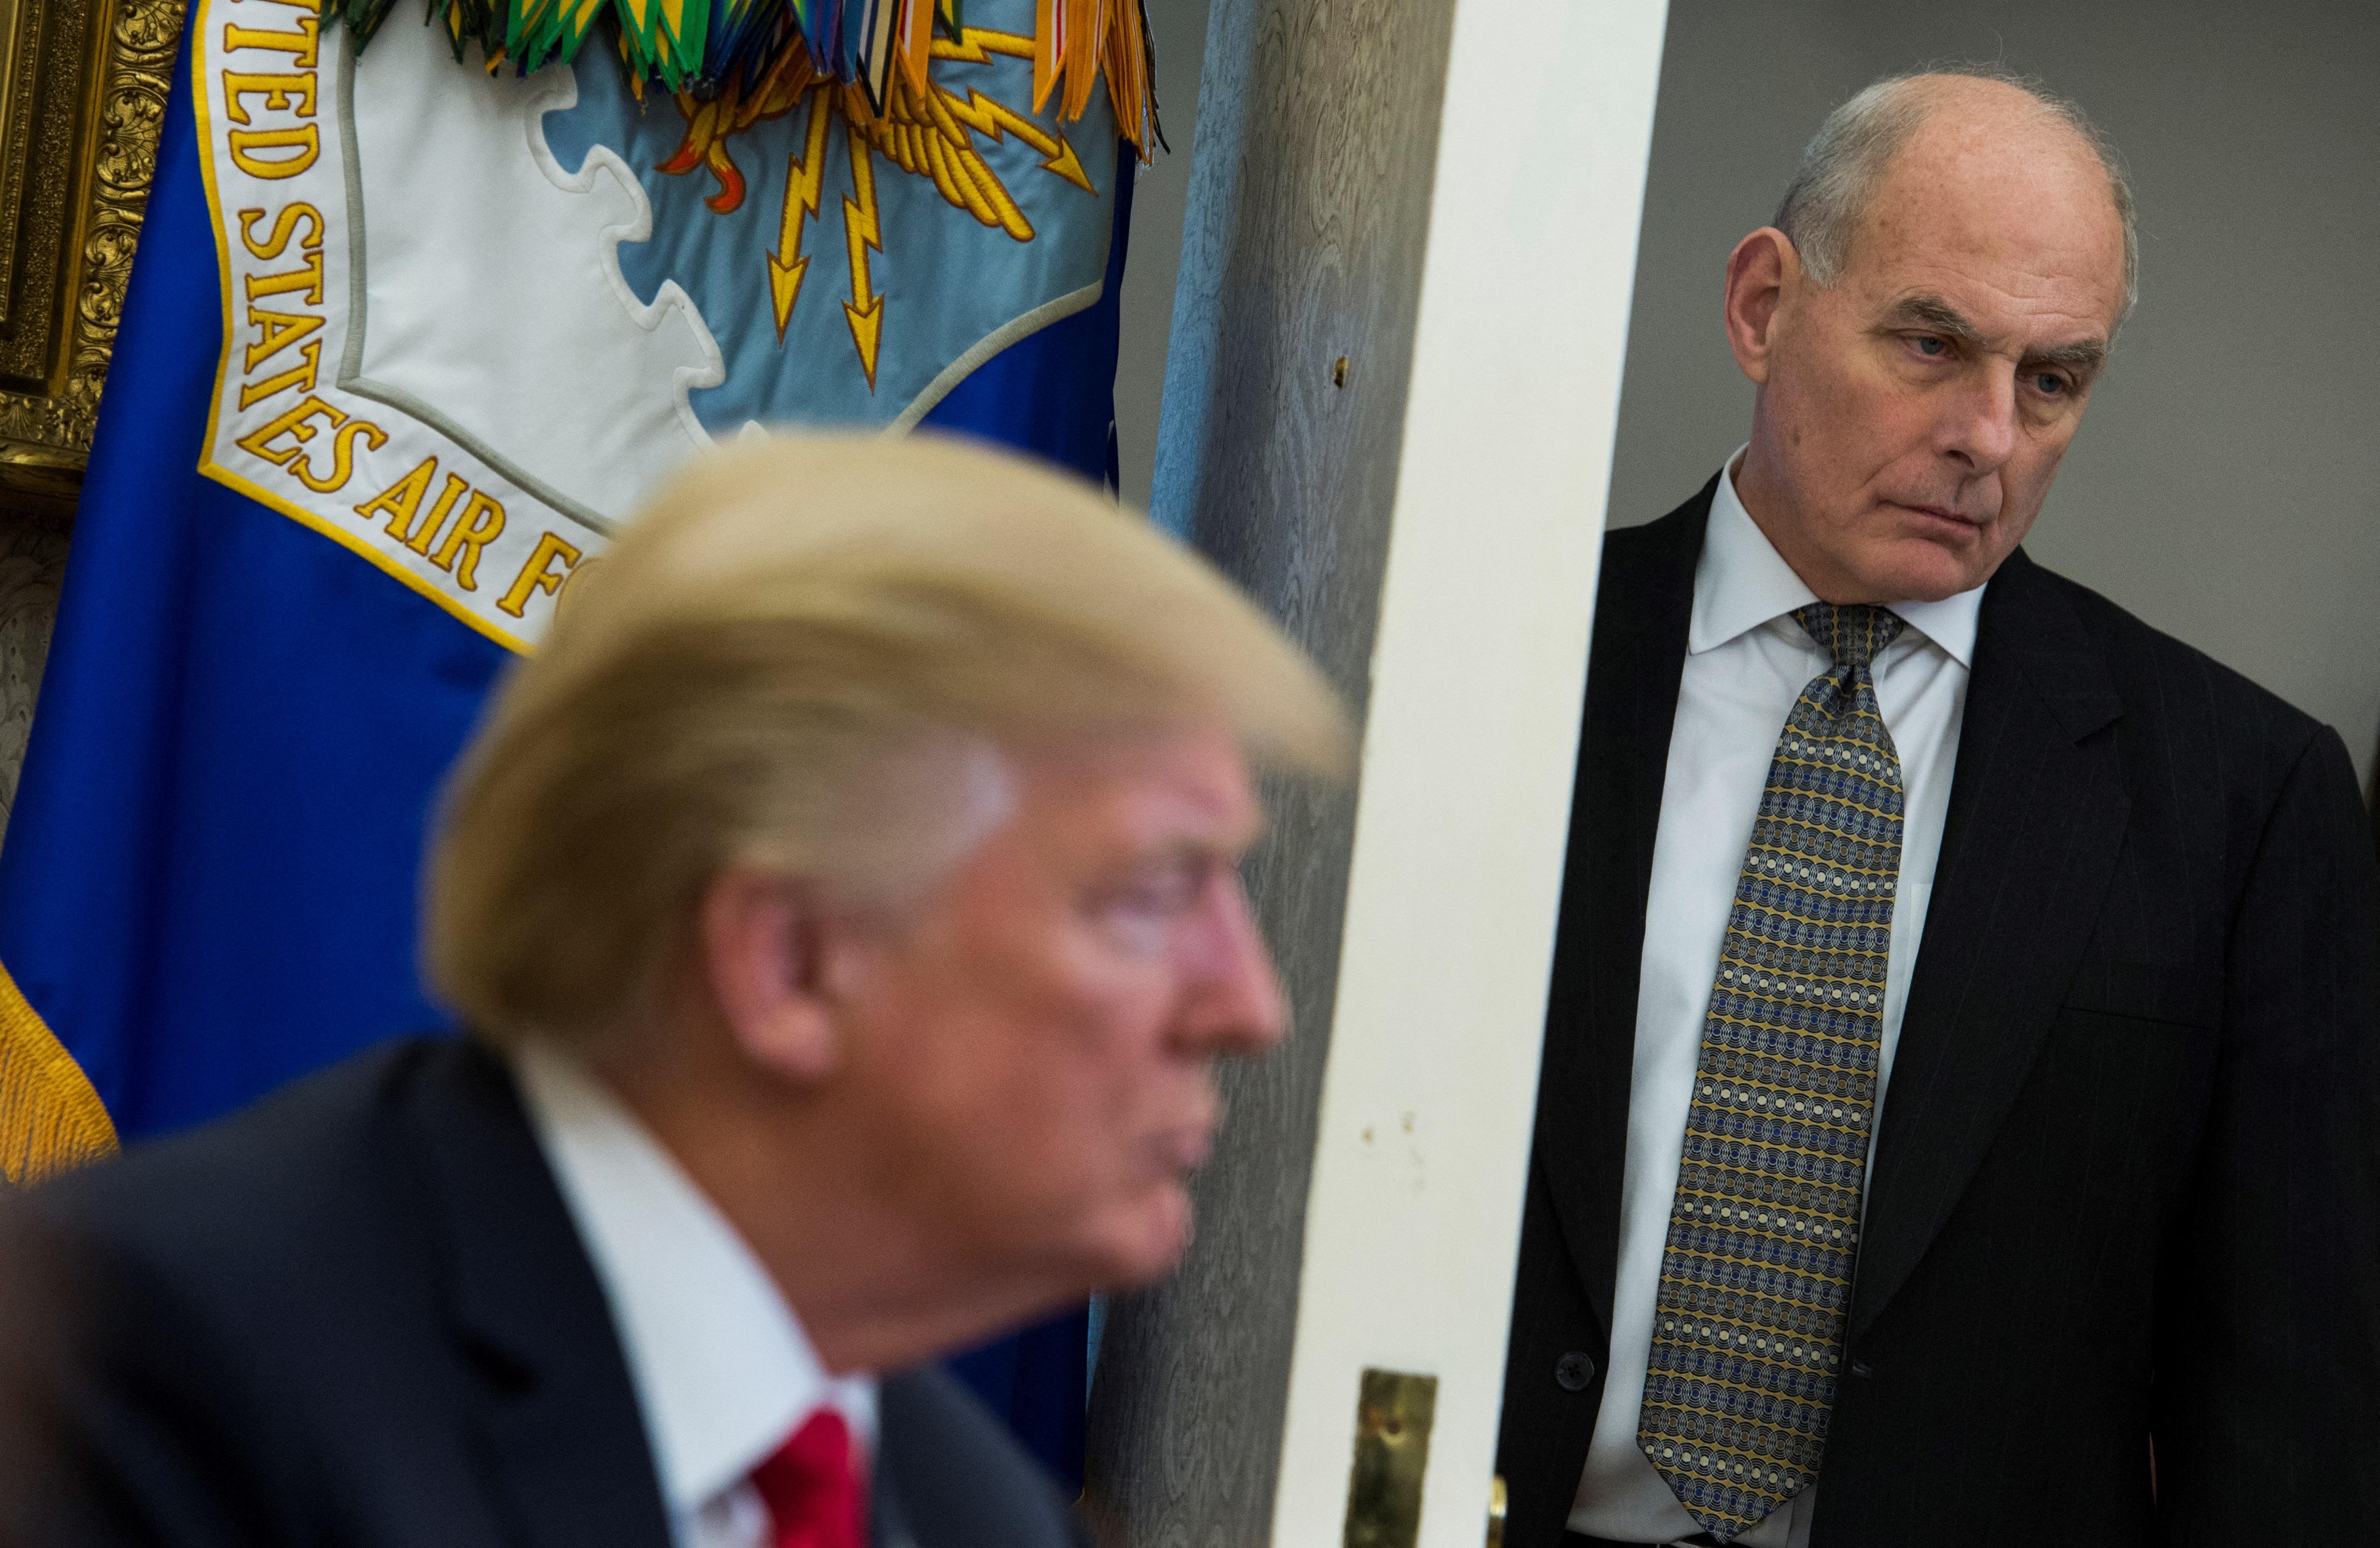 Hitler dicséretével sokkolta kabinetfőnökét Trump